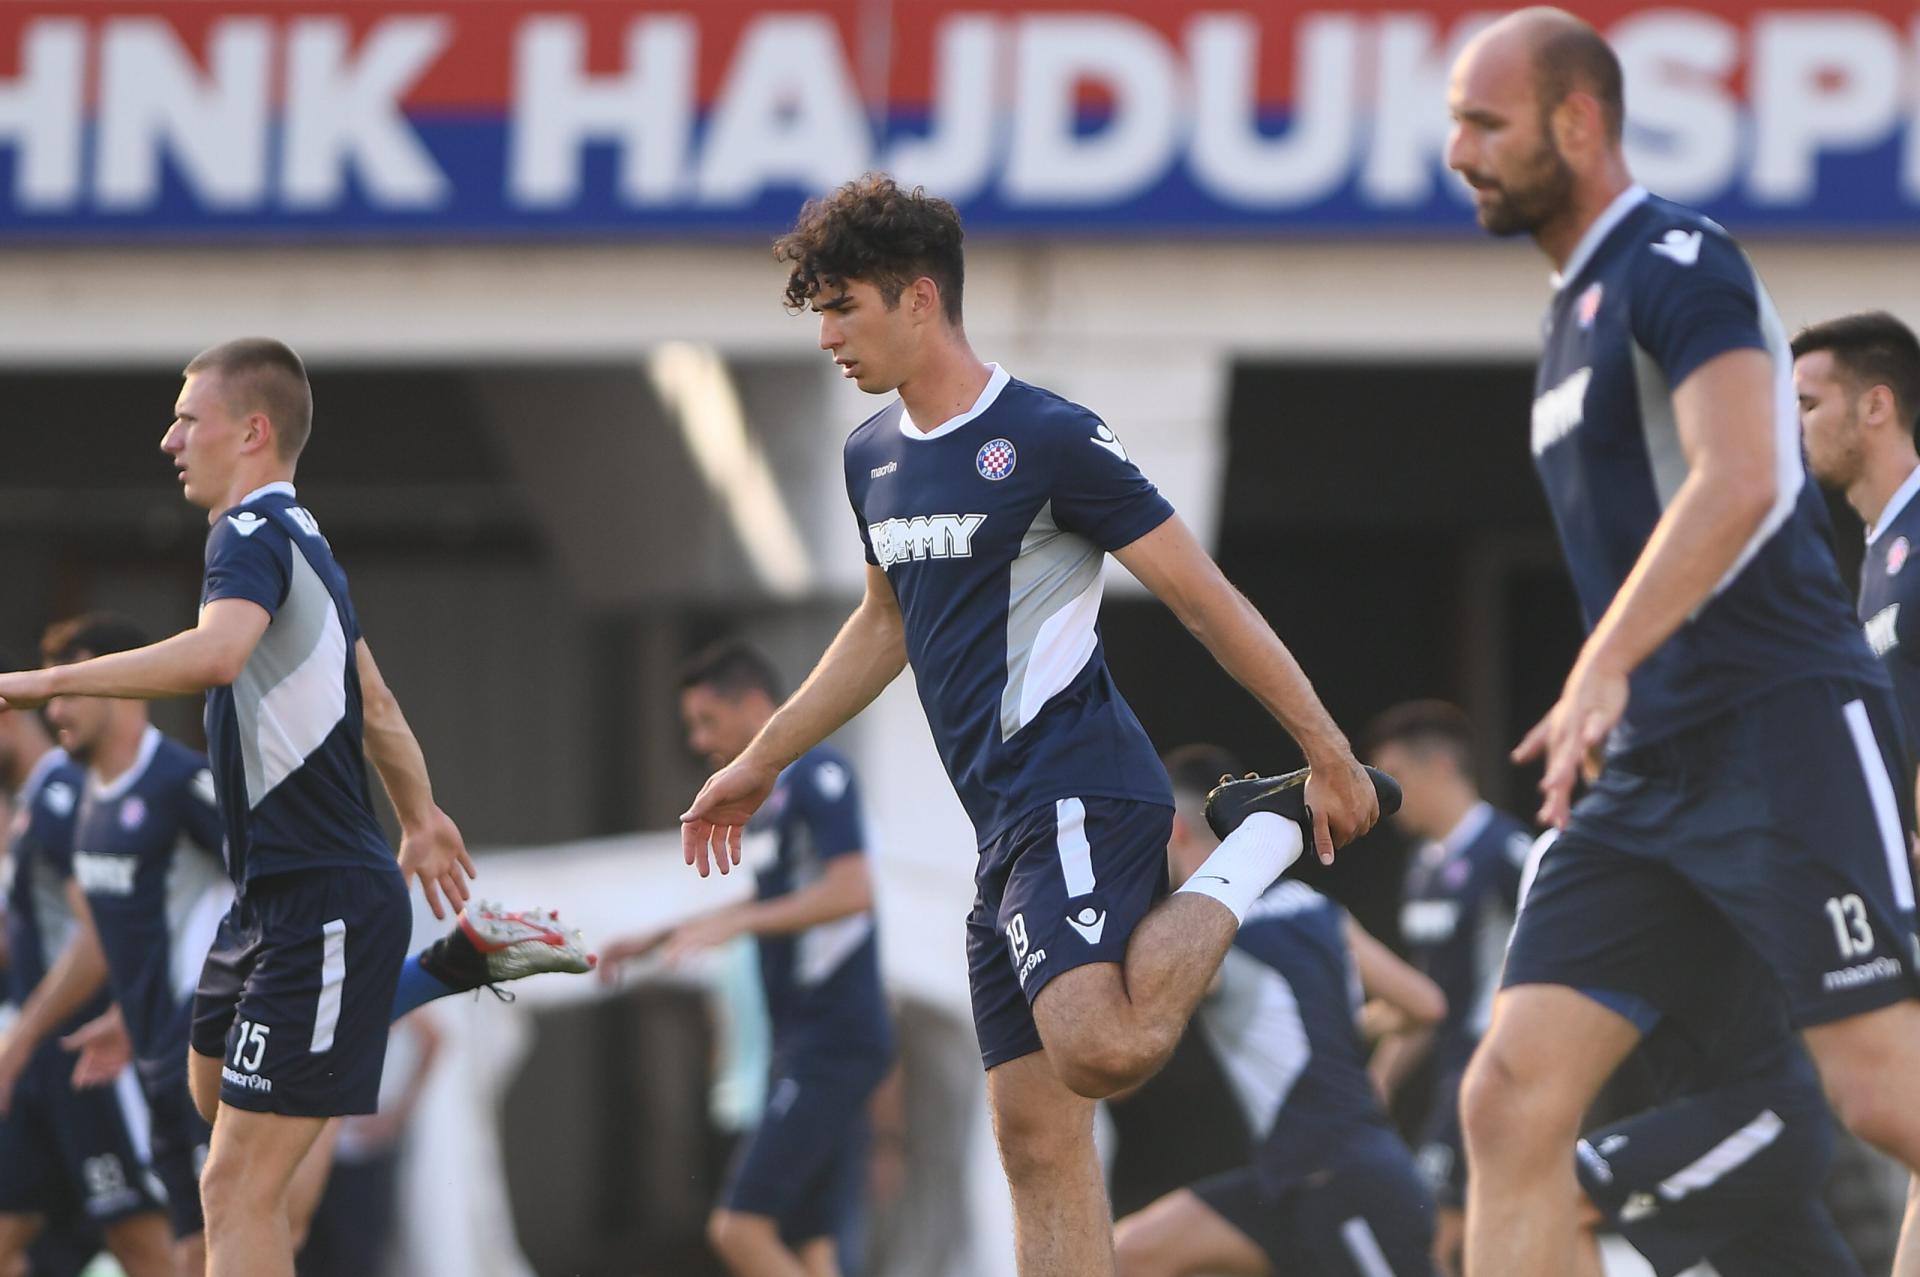 Kvalifikacije ZA europsku ligu igrae PO novim pravilima